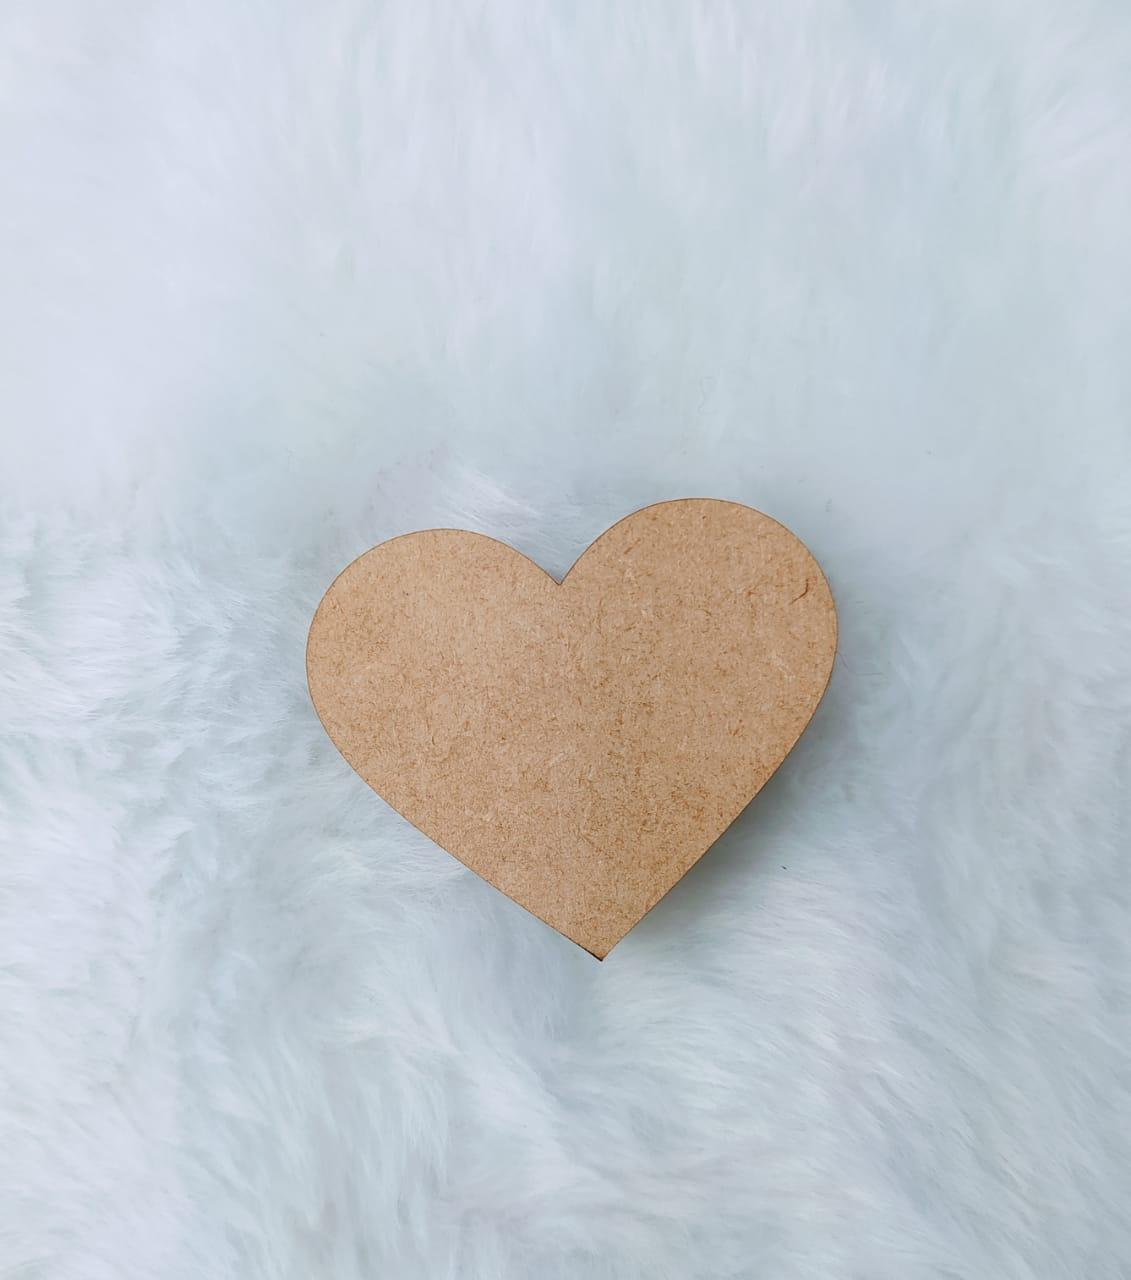 Aplique em MDF - formato coração 5cm - espessura 0,5cm - 1 unidade